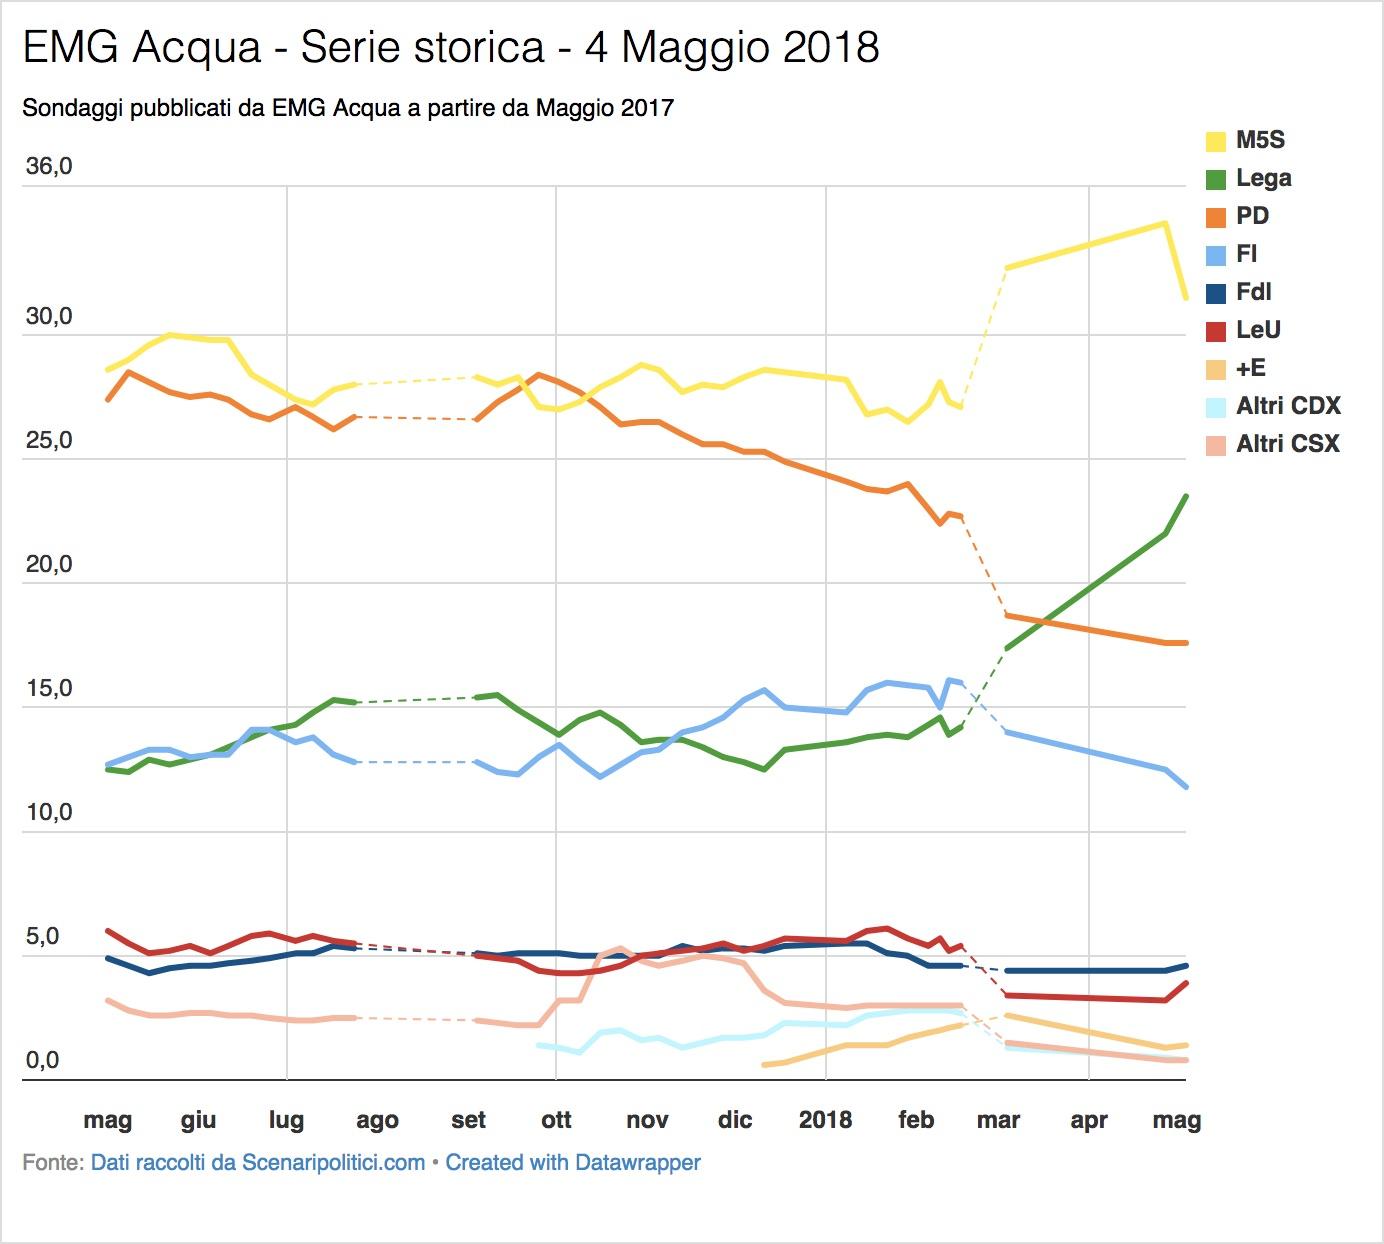 Sondaggio EMG Acqua (4 Maggio 2018)